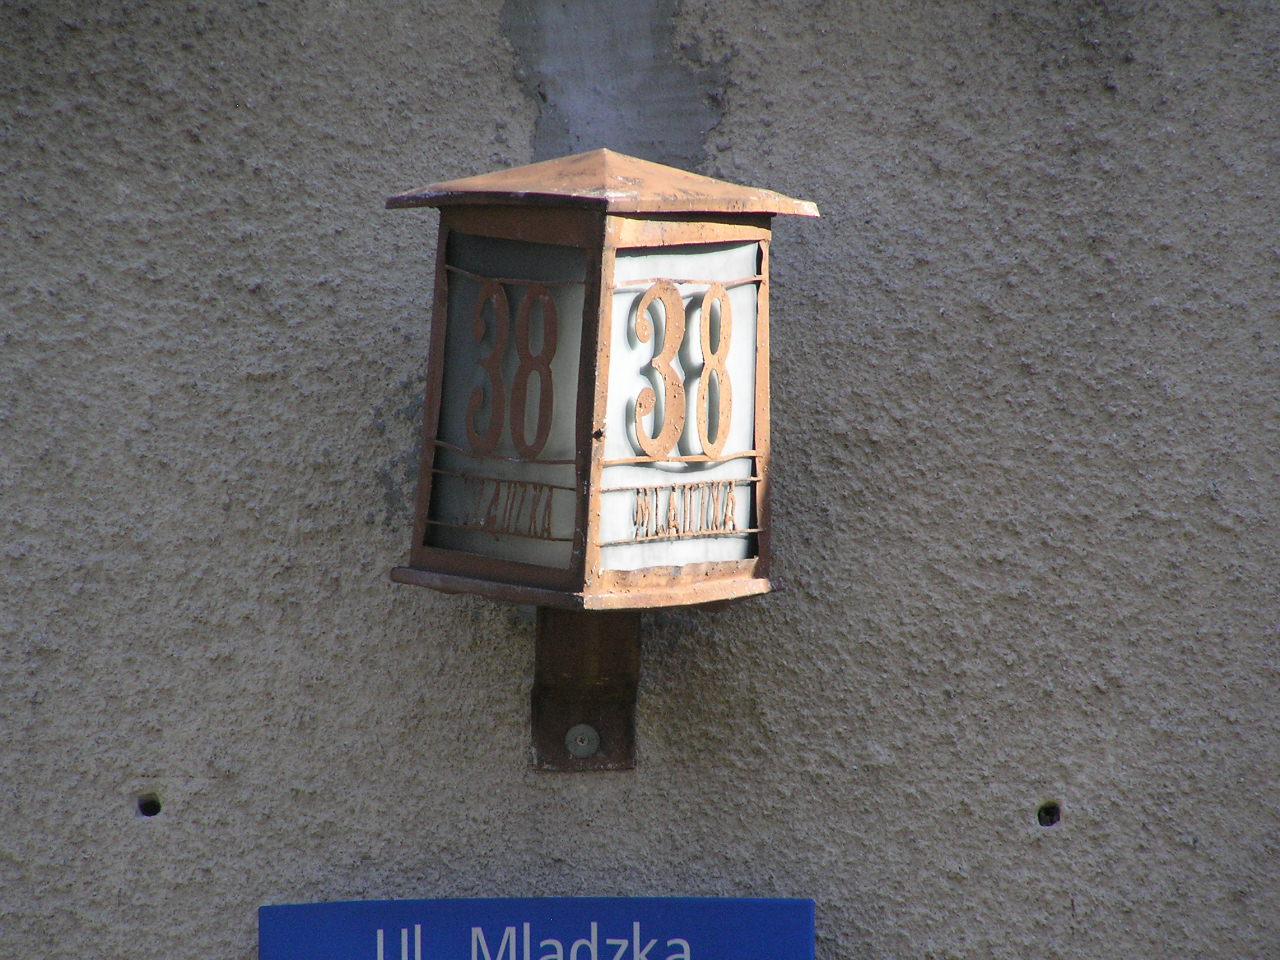 Latarenka adresowa - Mlądzka 38